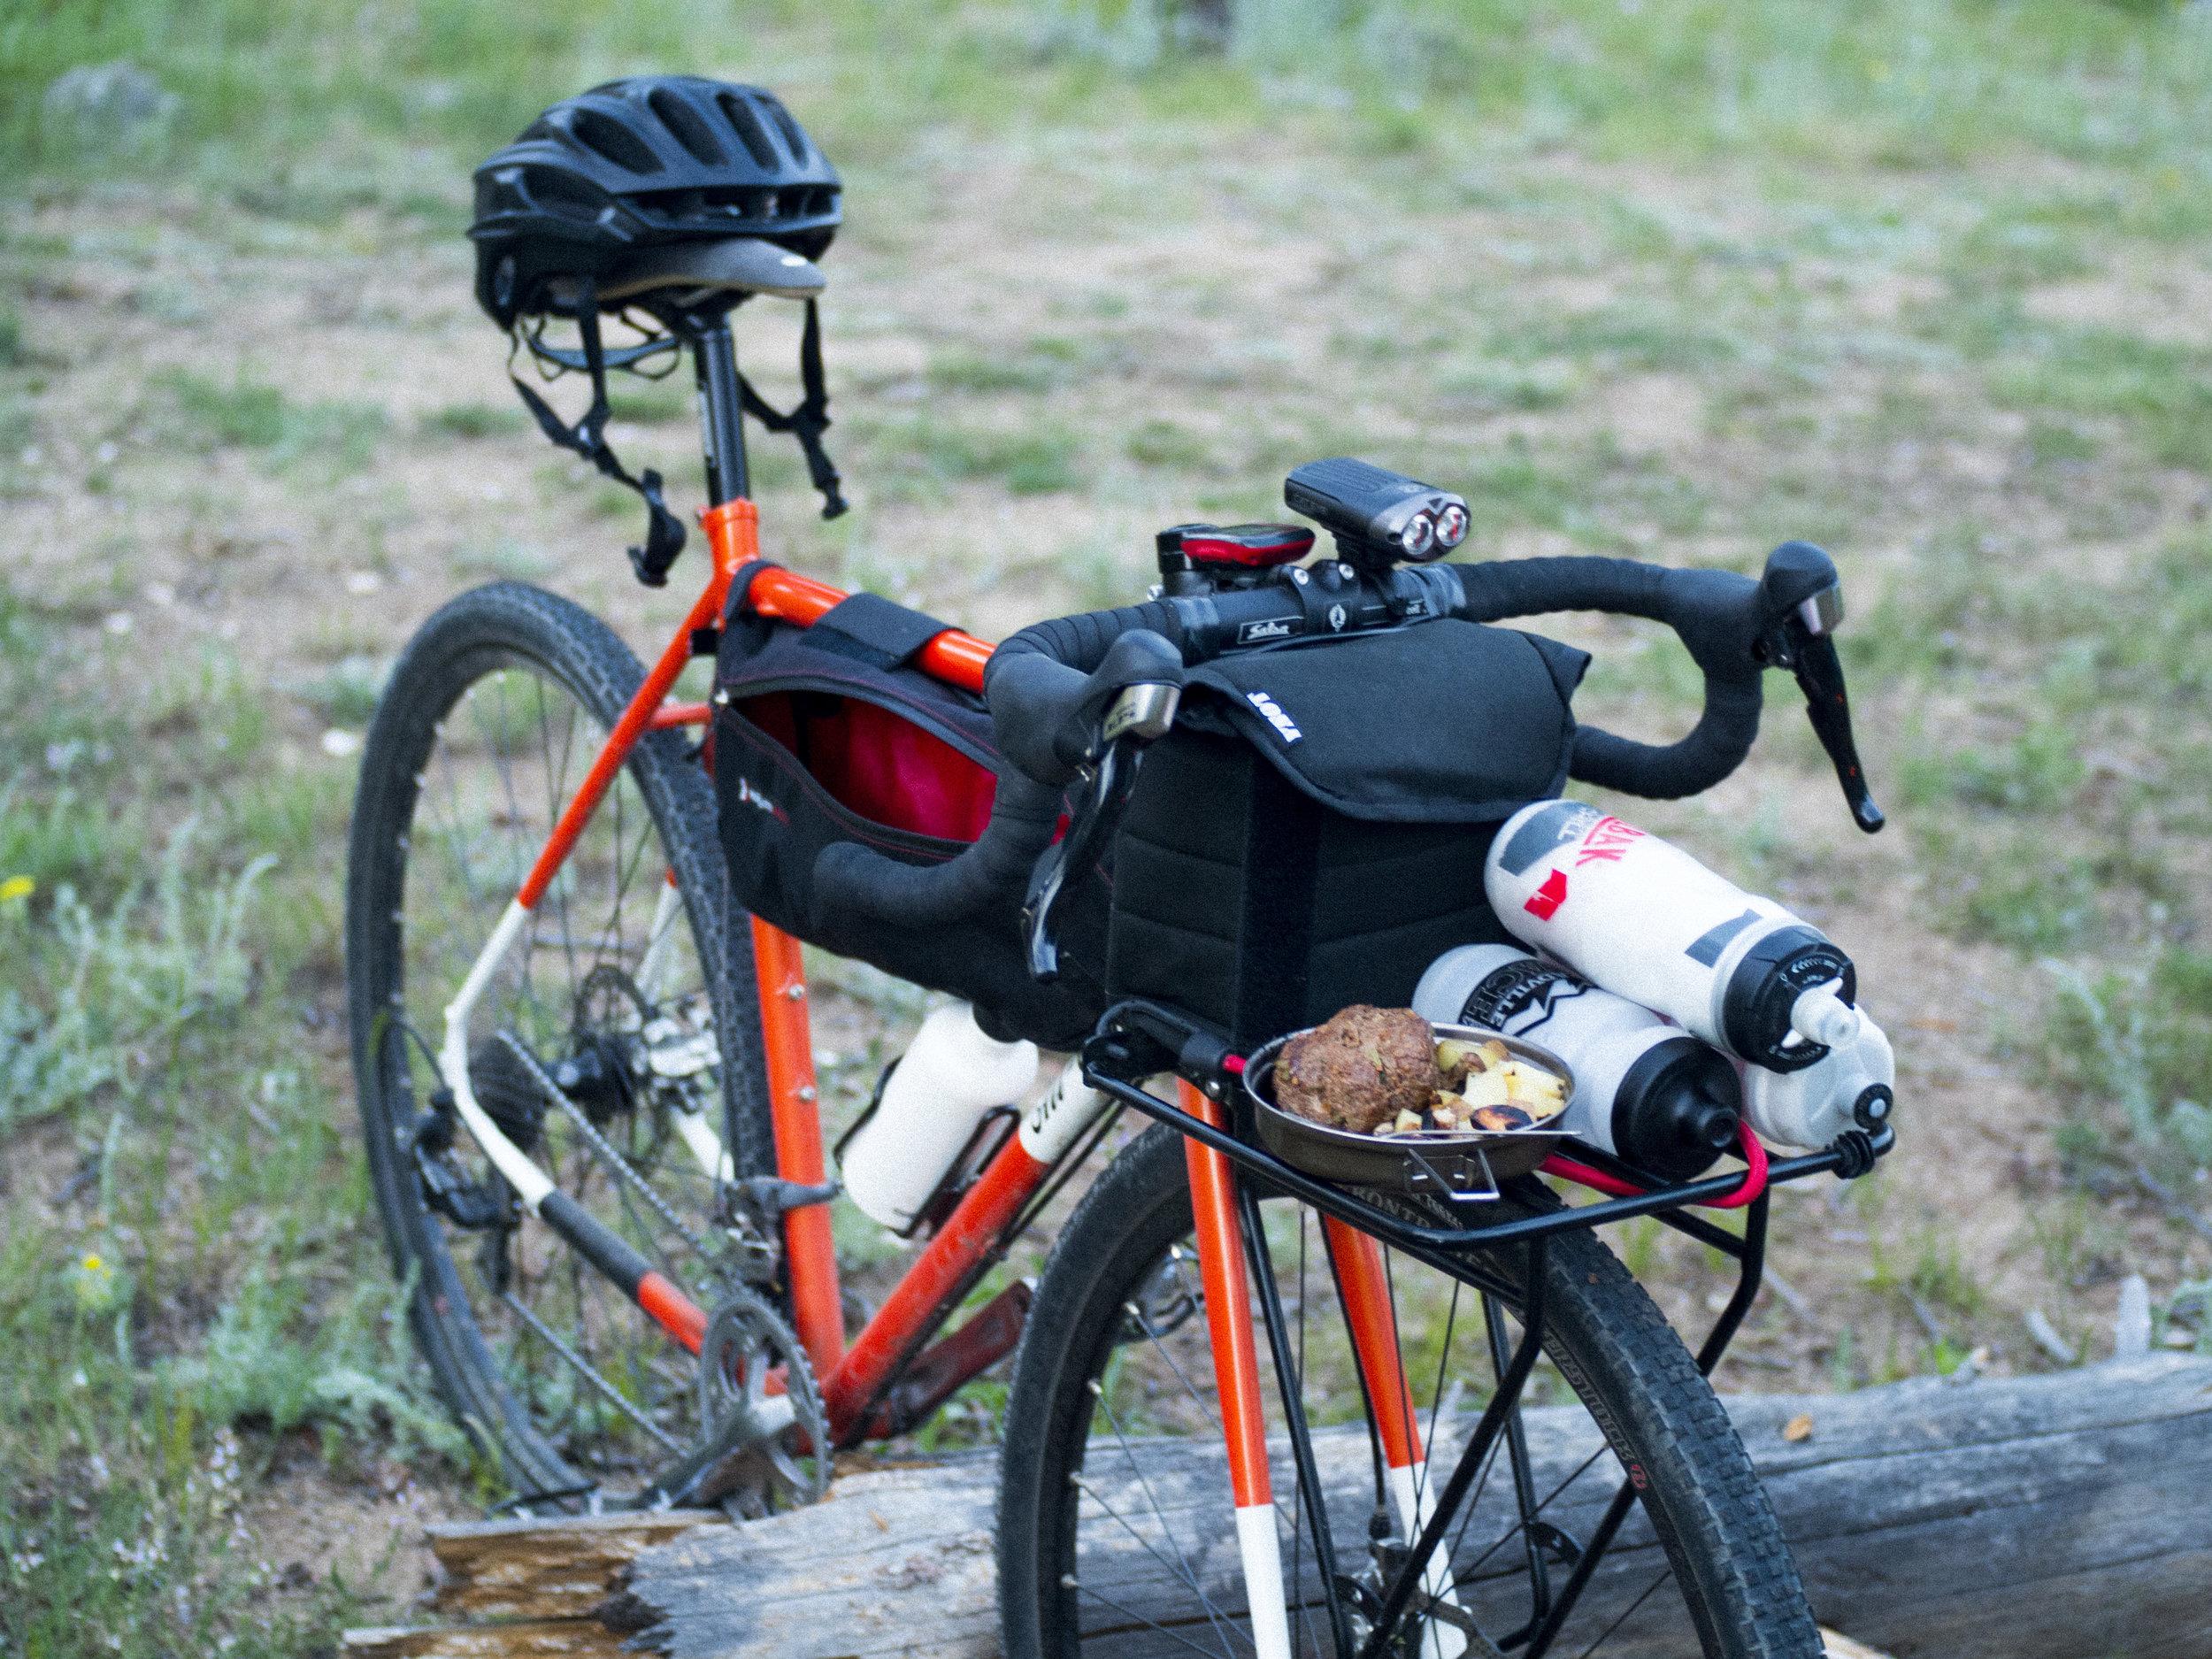 bike-camping_19224466508_o.jpg